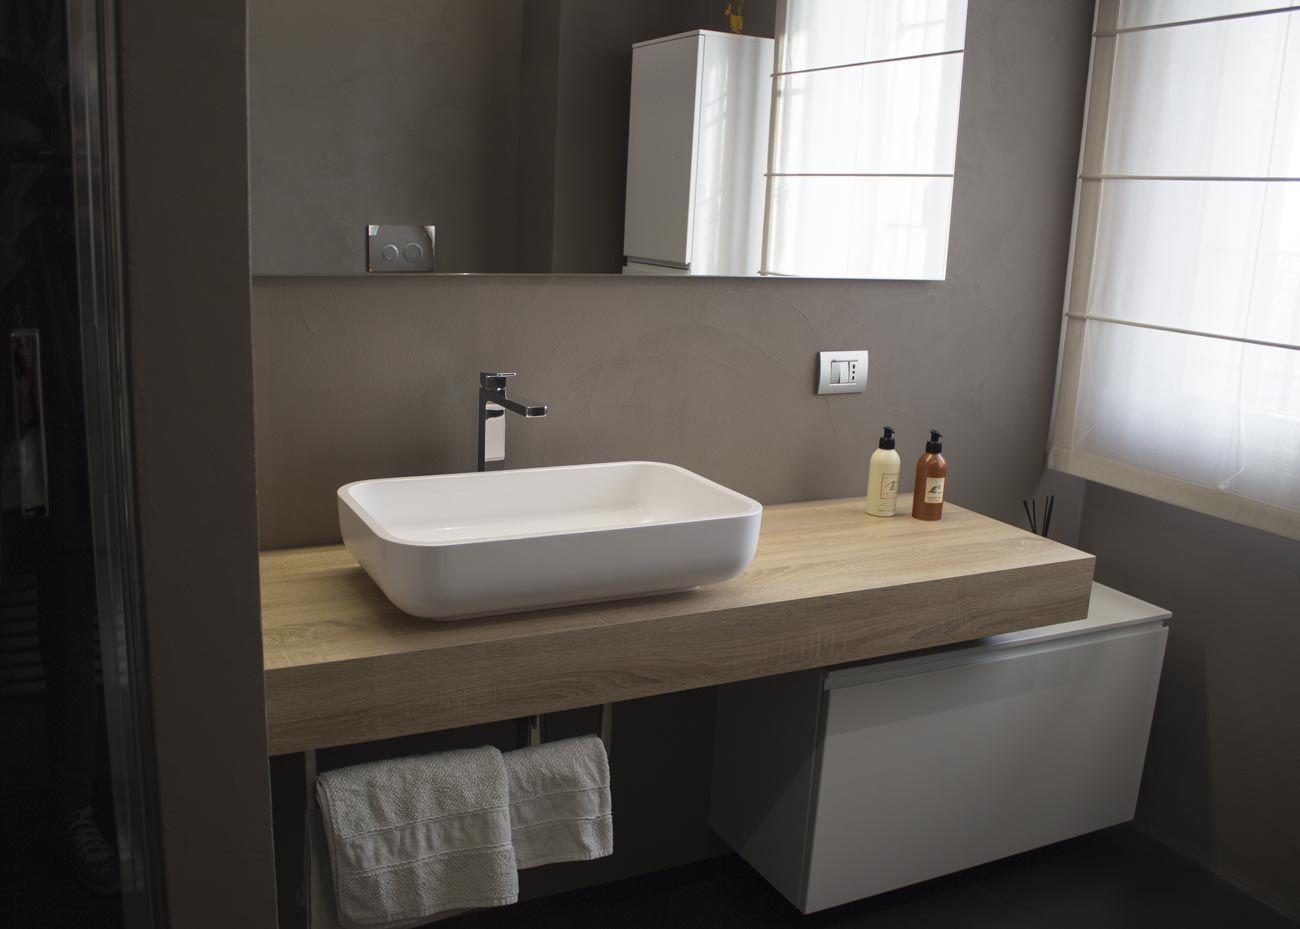 Mobile Sotto Mensola Bagno lavabo con mobile in legno